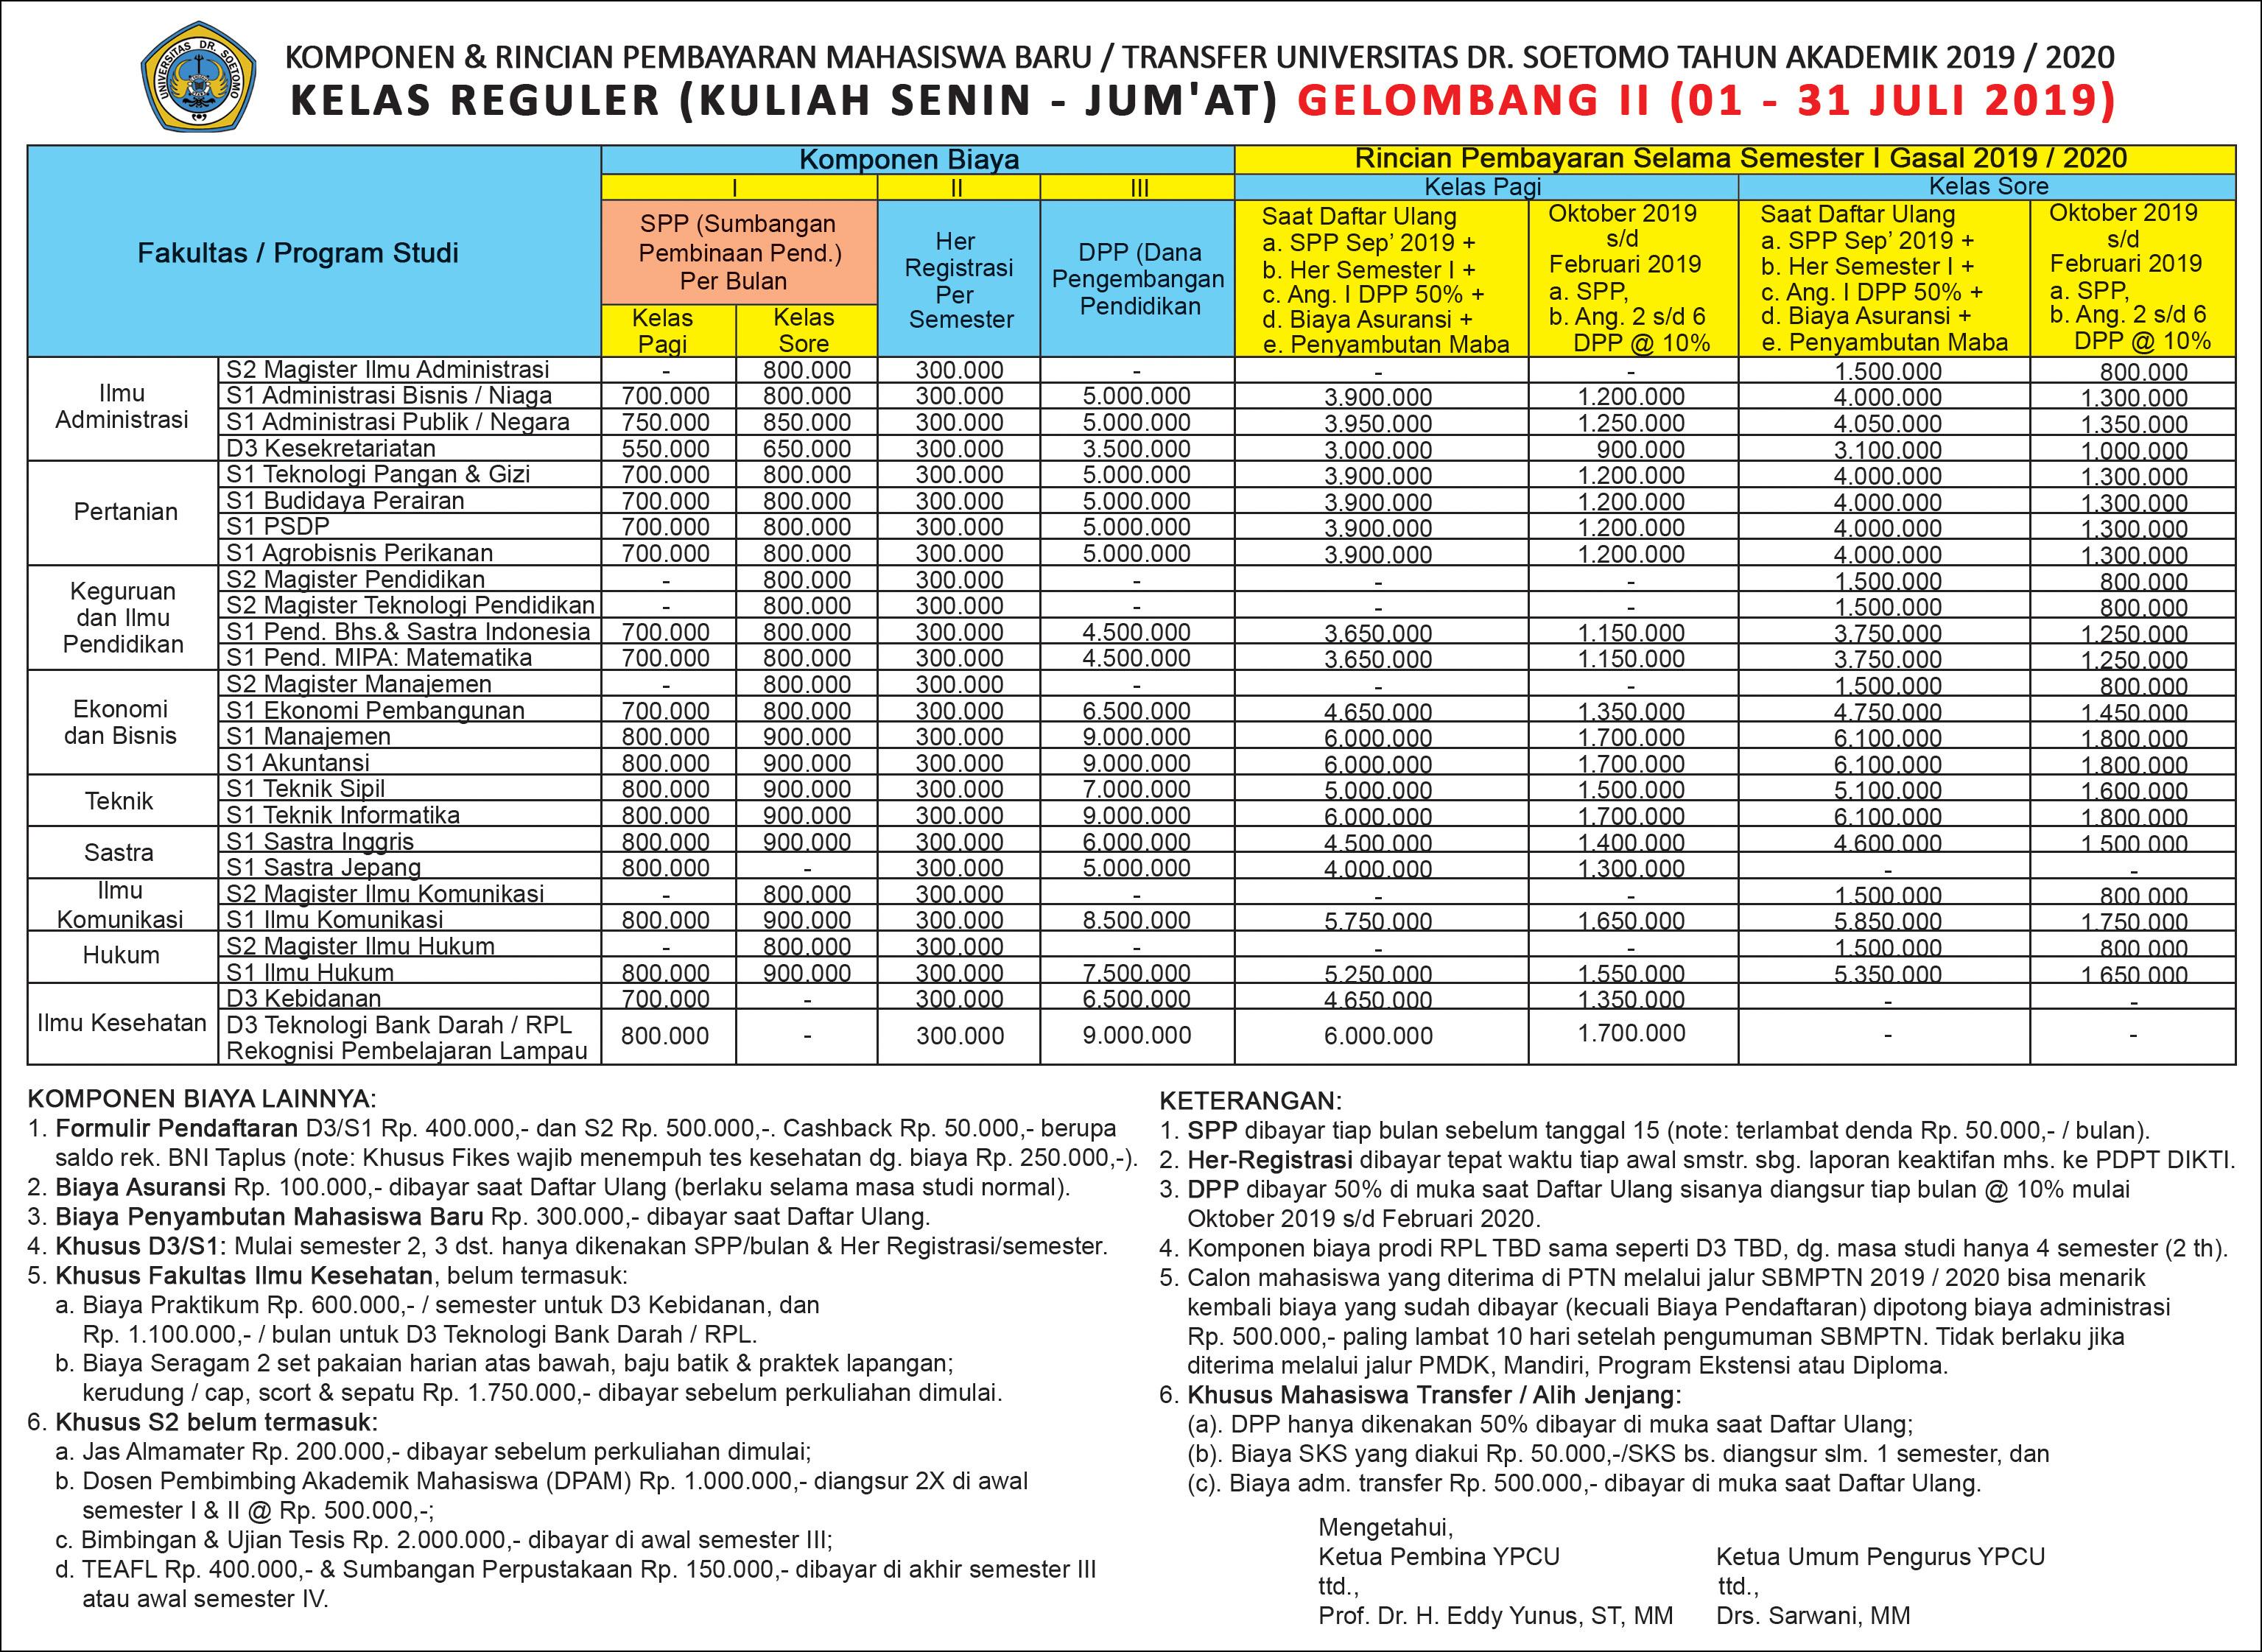 Kelas Karyawan Biaya Kuliah Universitas Dr Soetomo Surabaya Unitomo Surabaya Tahun 2019 2020 Biaya Kuliah Dan Pendaftaran